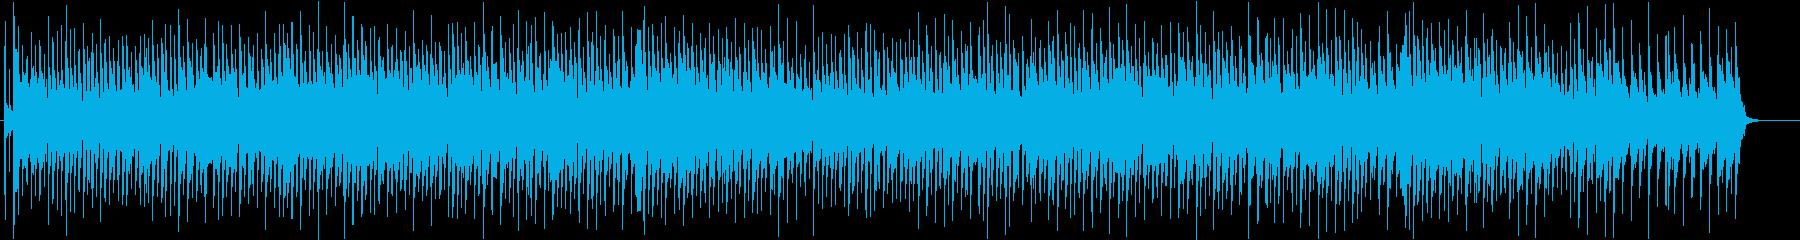 ほのぼのカントリー草競馬スライドギター版の再生済みの波形